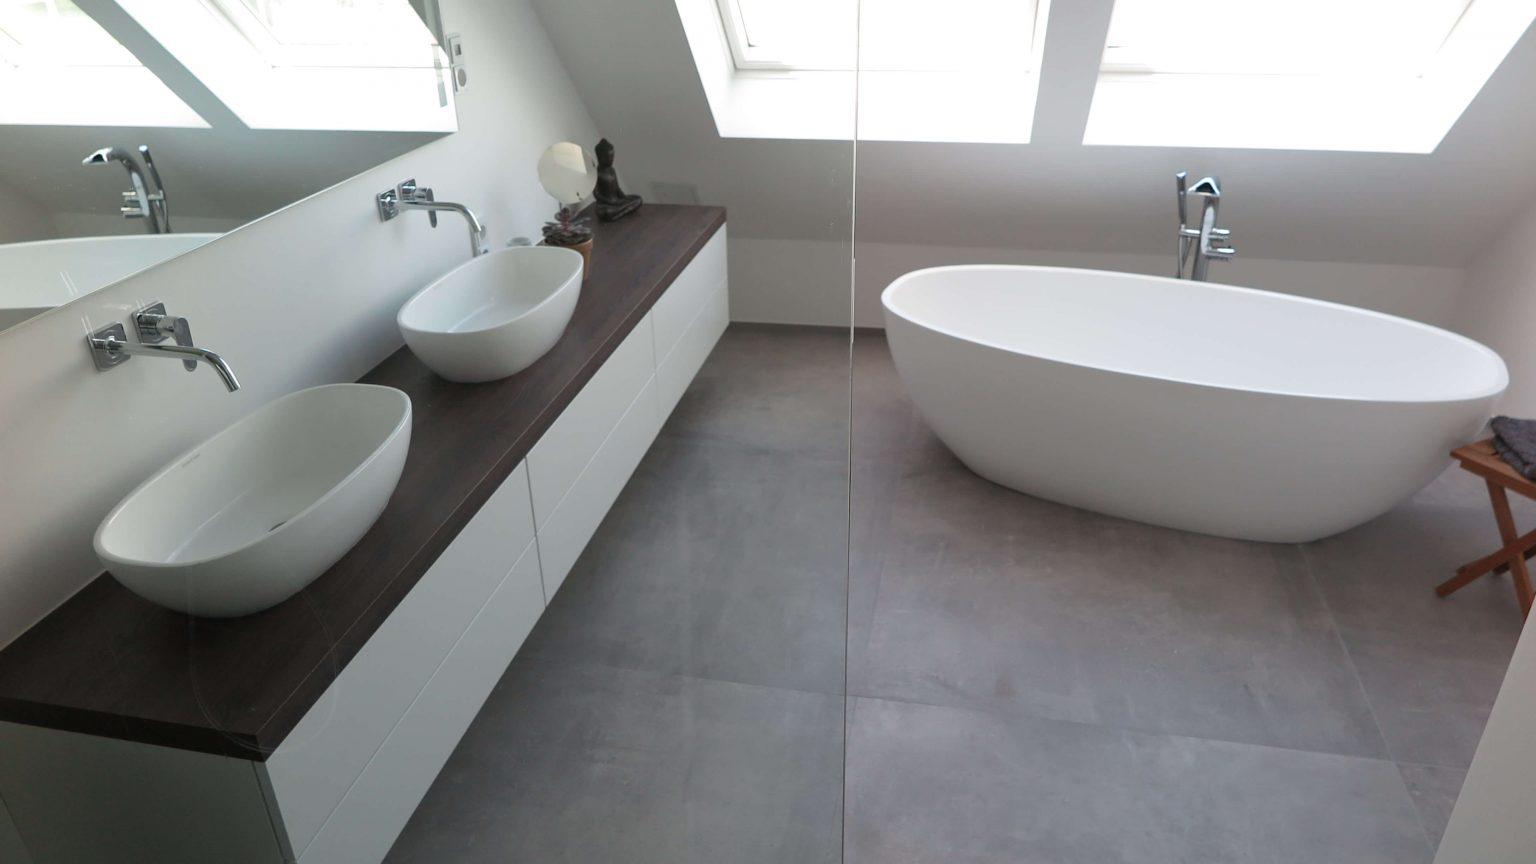 Architekt Koeln Wohnungbau Badewanne